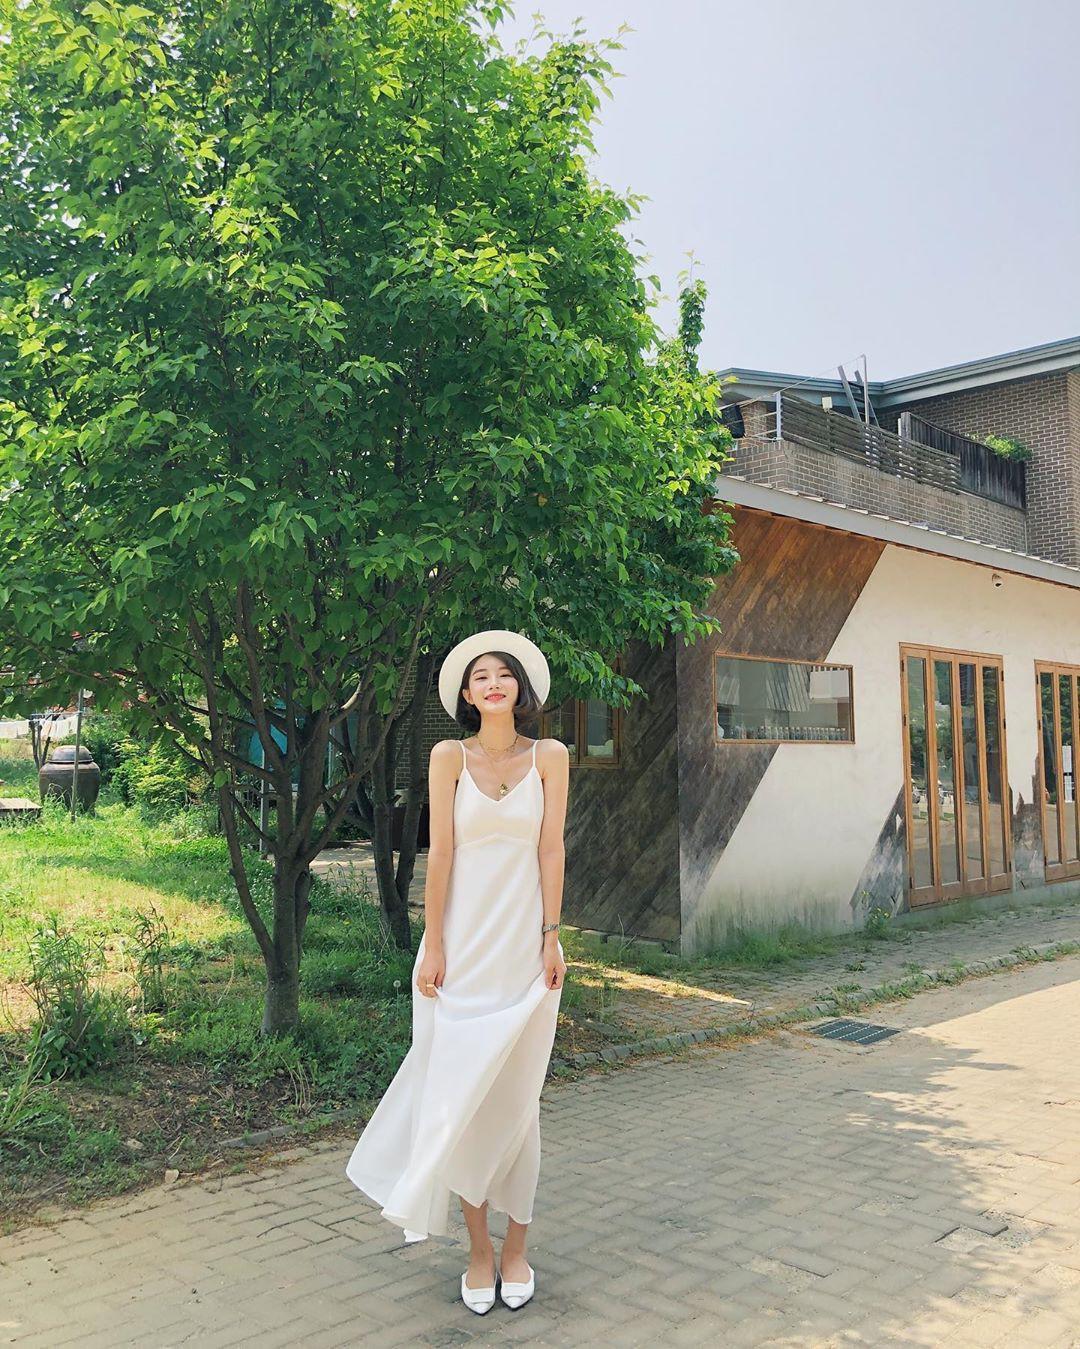 Muốn mặc đẹp hãy tham khảo 15 bộ đồ từ street style châu Á dưới đây, với rất nhiều gợi ý váy áo thô/đũi mát mẻ - Ảnh 7.